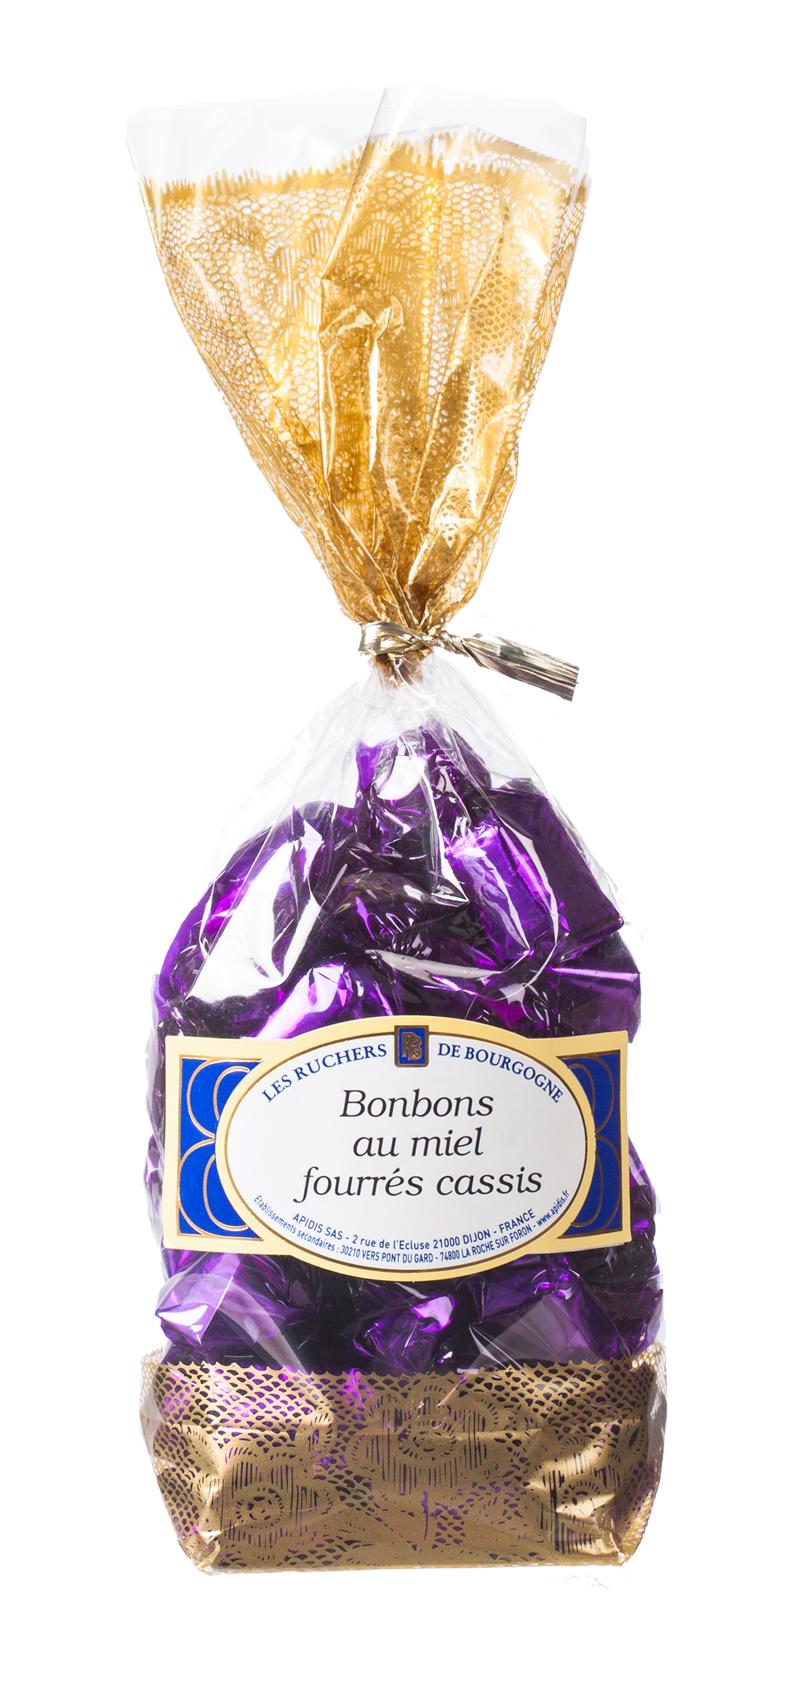 BONBON-FourréesCassis